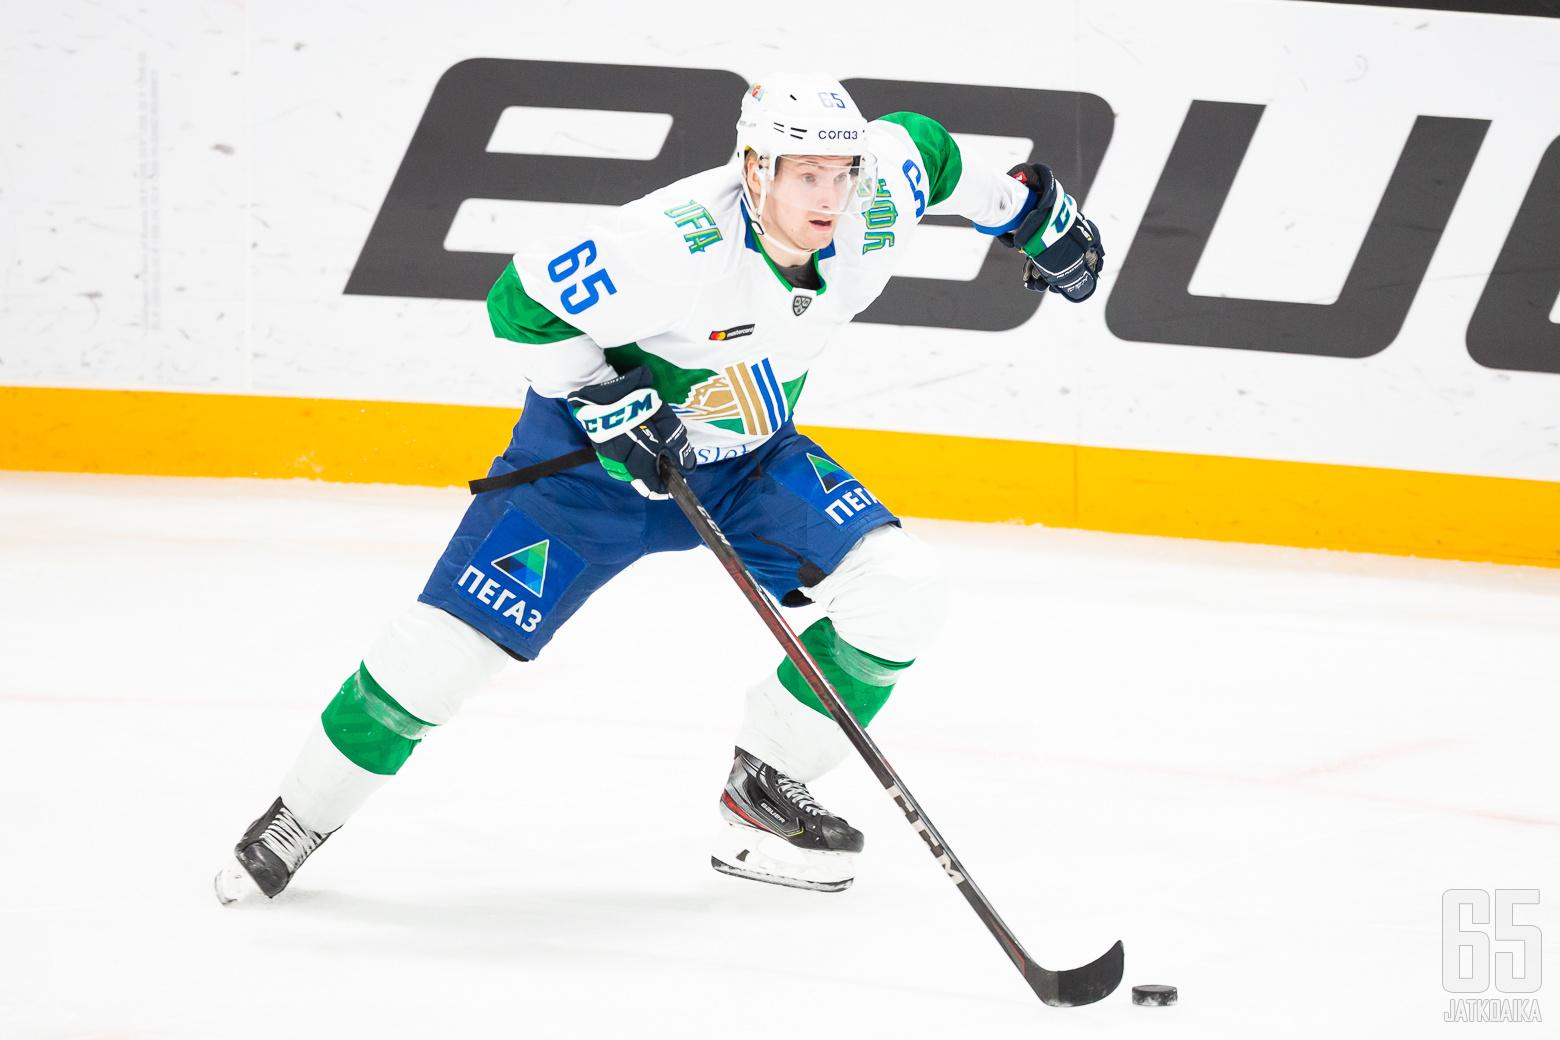 Sakari Manninen, Salavat Julajev Ufa ottelussa Jokerit - Ufa, 2/12/2020, Hartwall Arena, Helsinki, Suomi. Photo: Joonas Kämäräinen